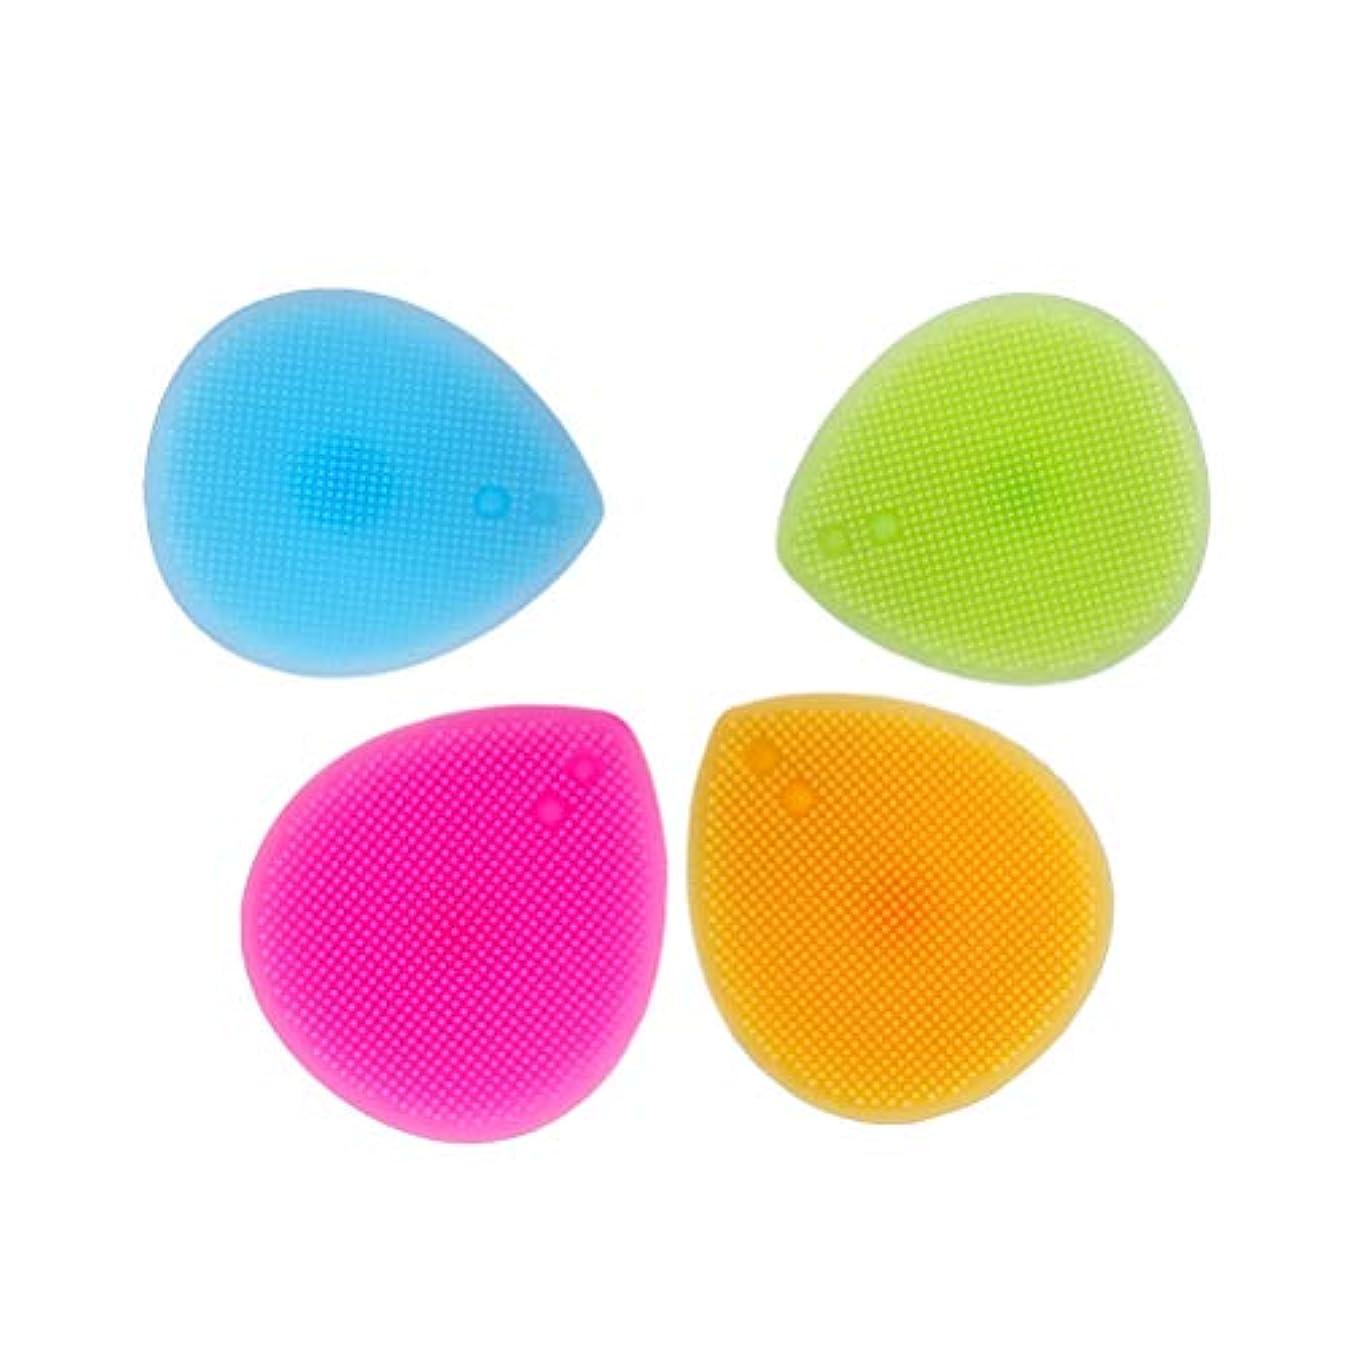 静かなフェザー最小化するHEALIFTY シリコーンブラシクリーナー4PCSメイクアップブラシクリーニングパッドリトルラバーマット(オレンジ+ローズ+ブルー+グリーン)